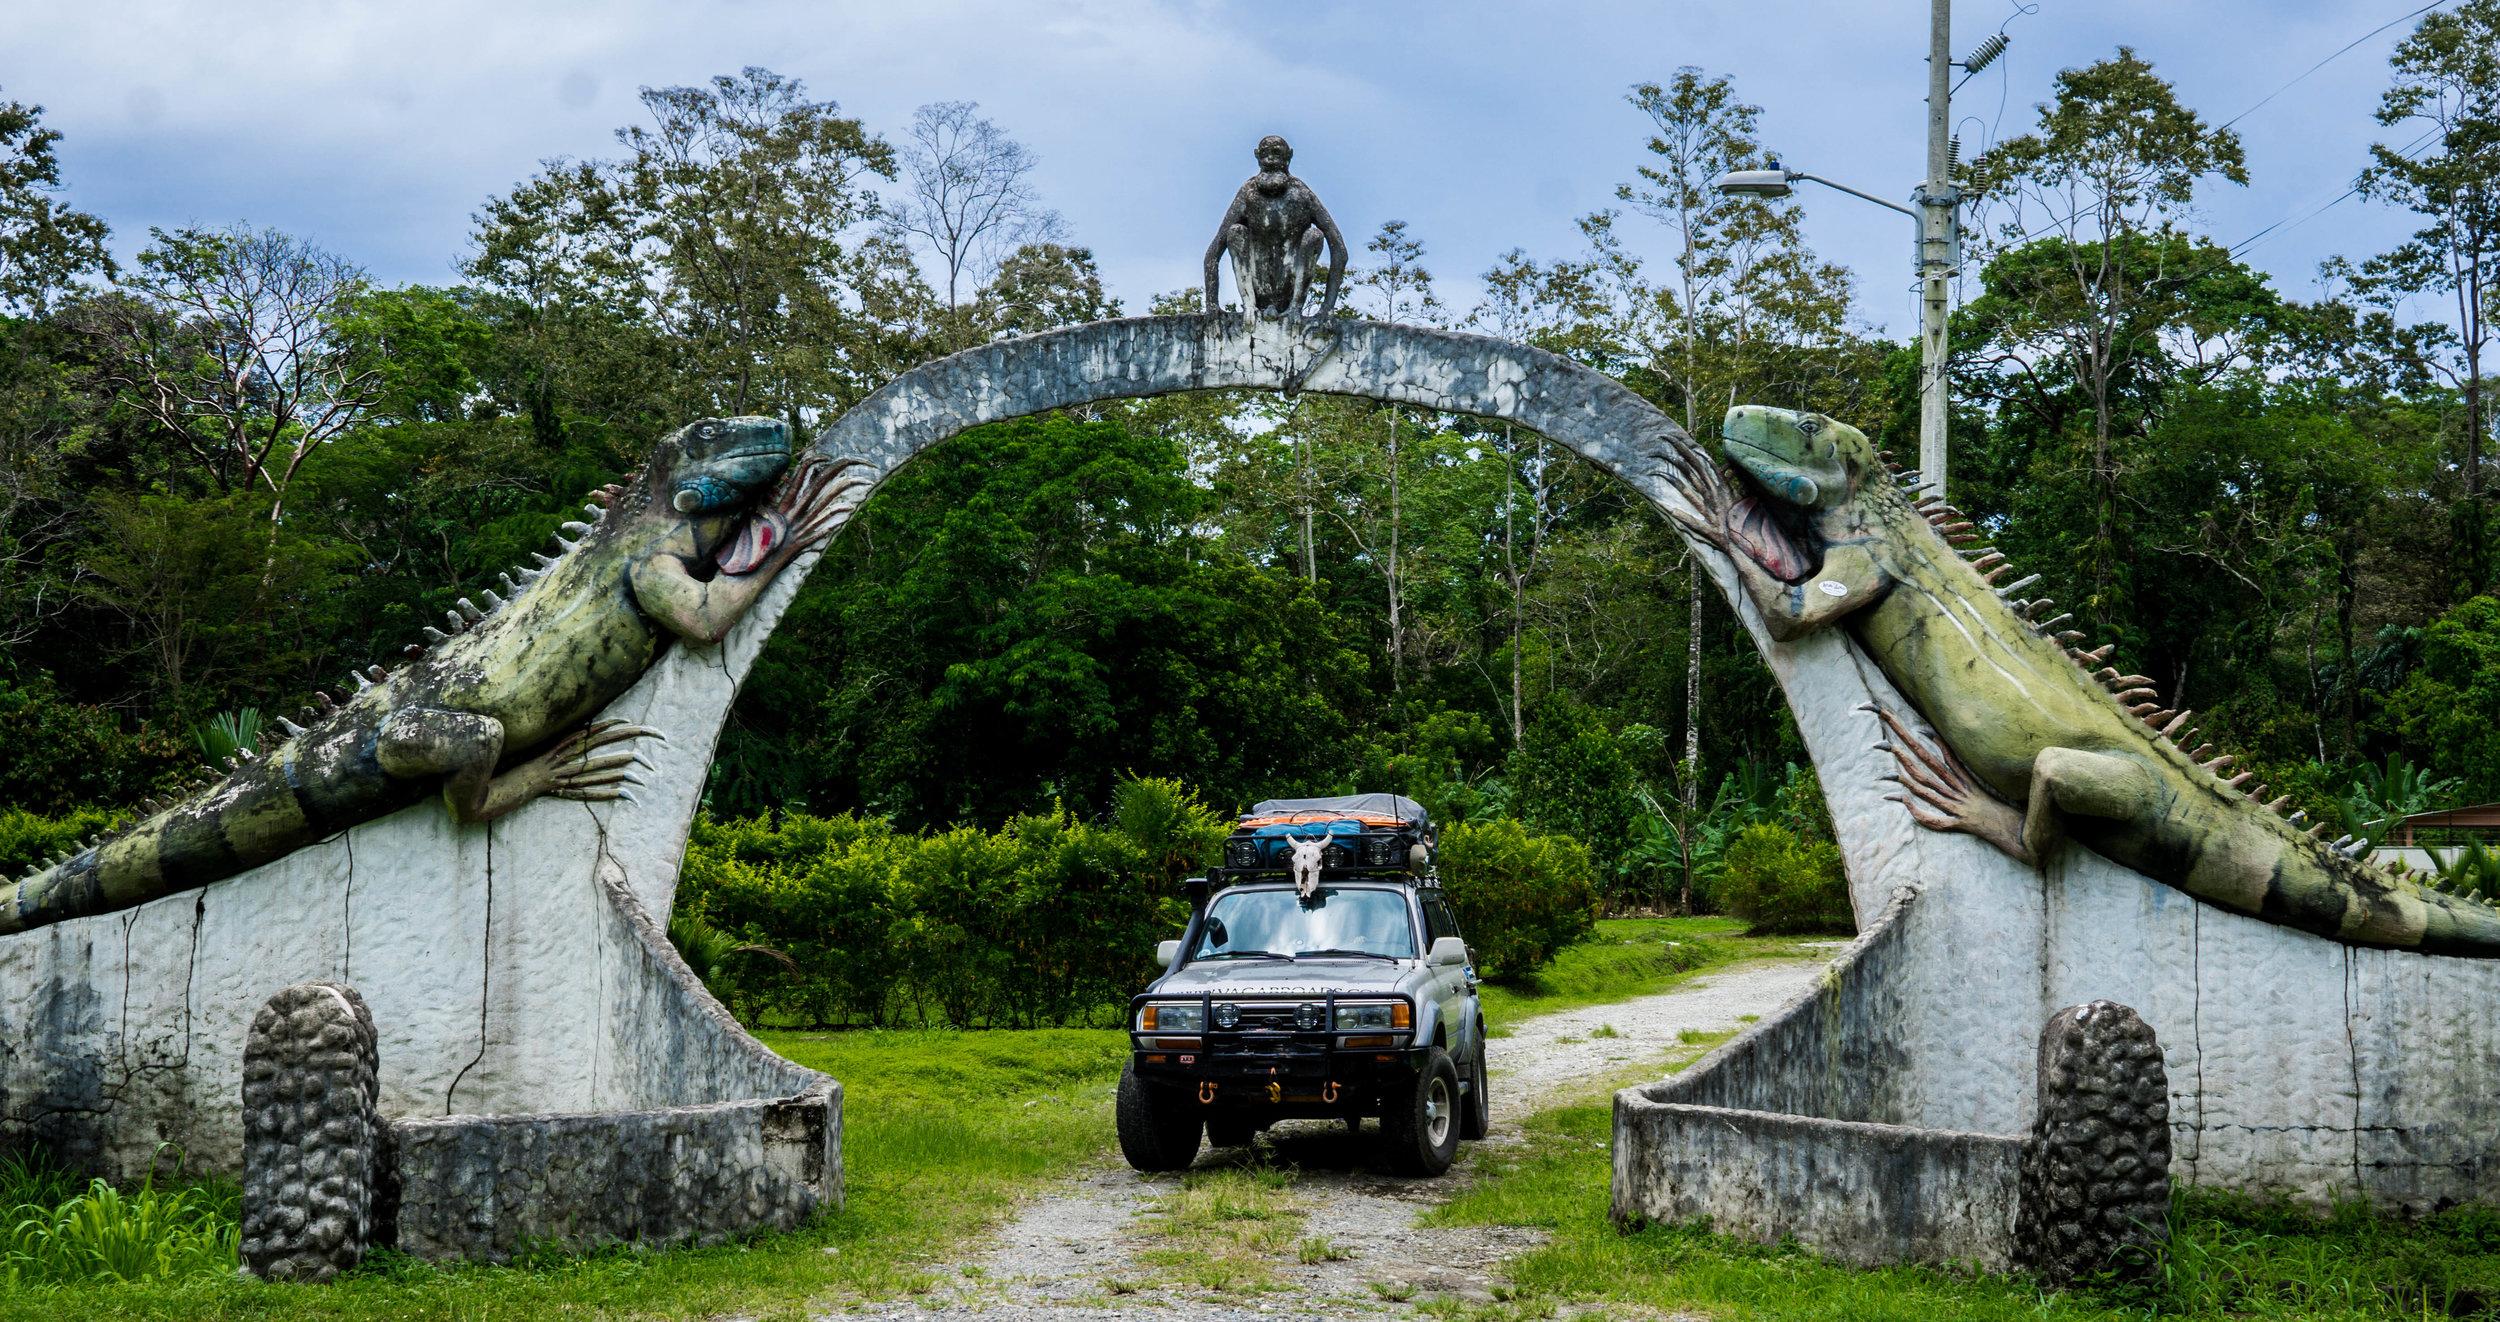 car under iguanas.jpg